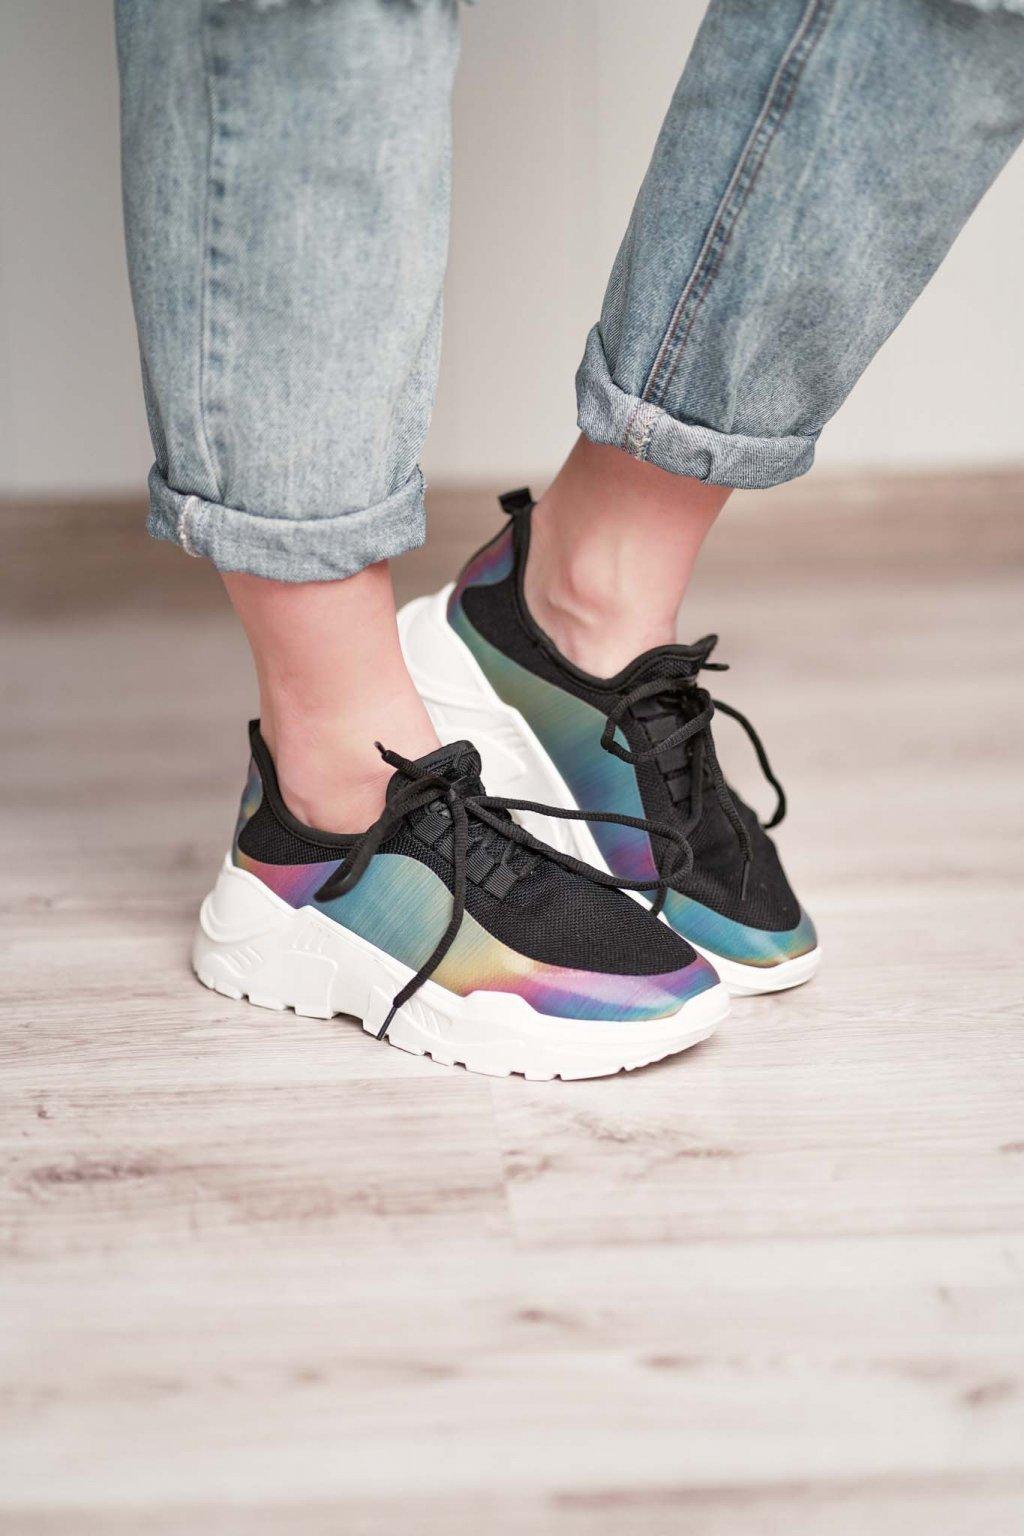 topánky, obuv, tenisky, botasky, lodičky, čižmy, šľapky, sandálky 415